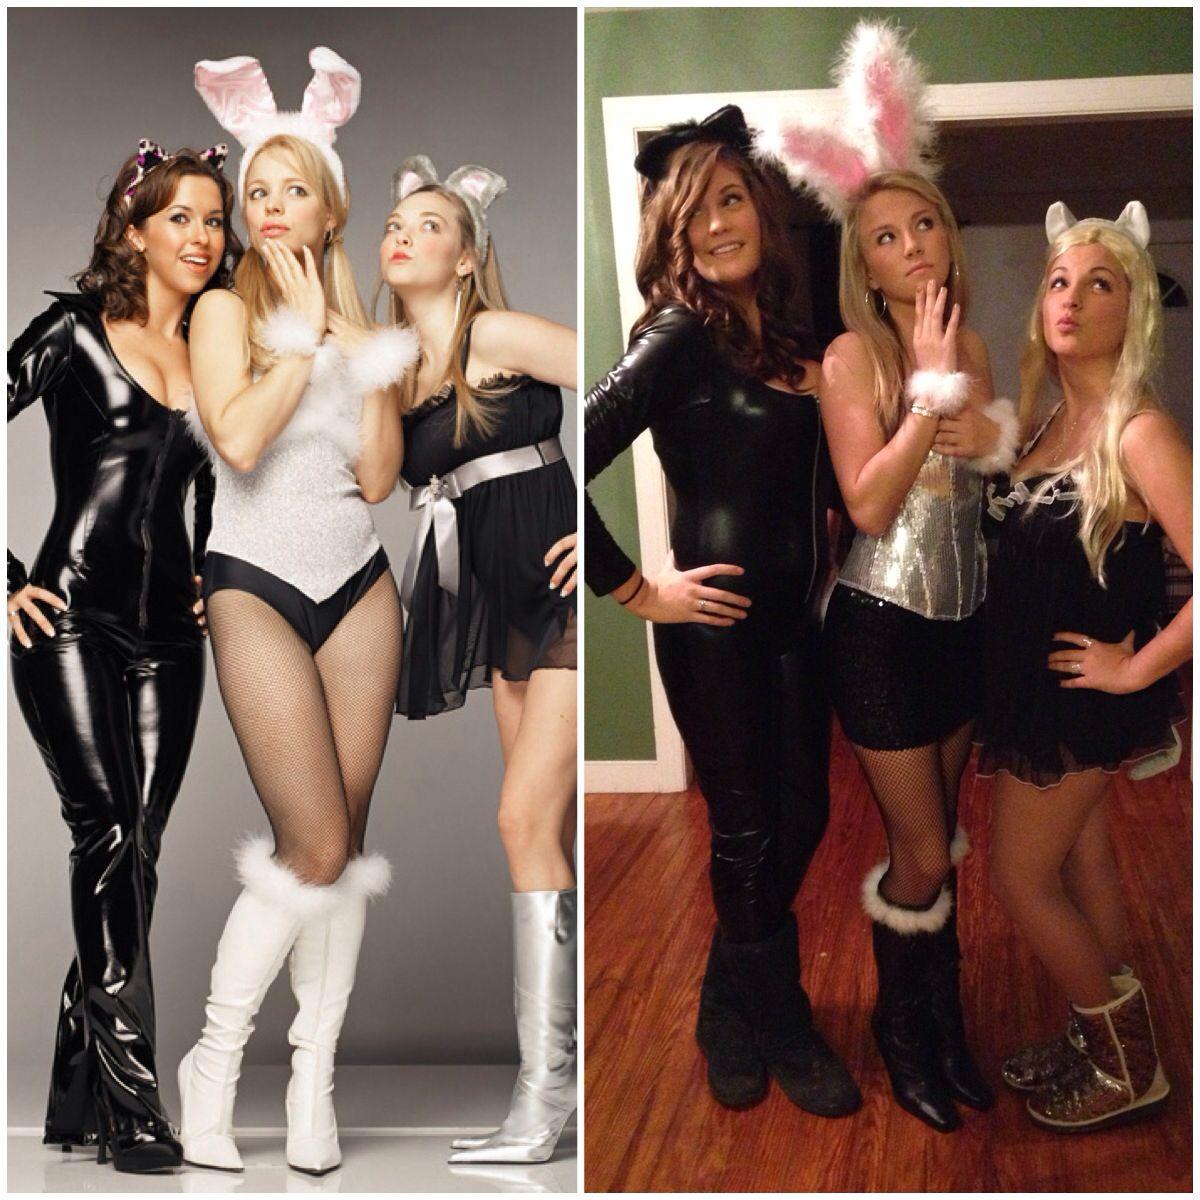 Costume Halloween Regina.Gretchen Regina And Karen The Plastics From The Movie Mean Girls